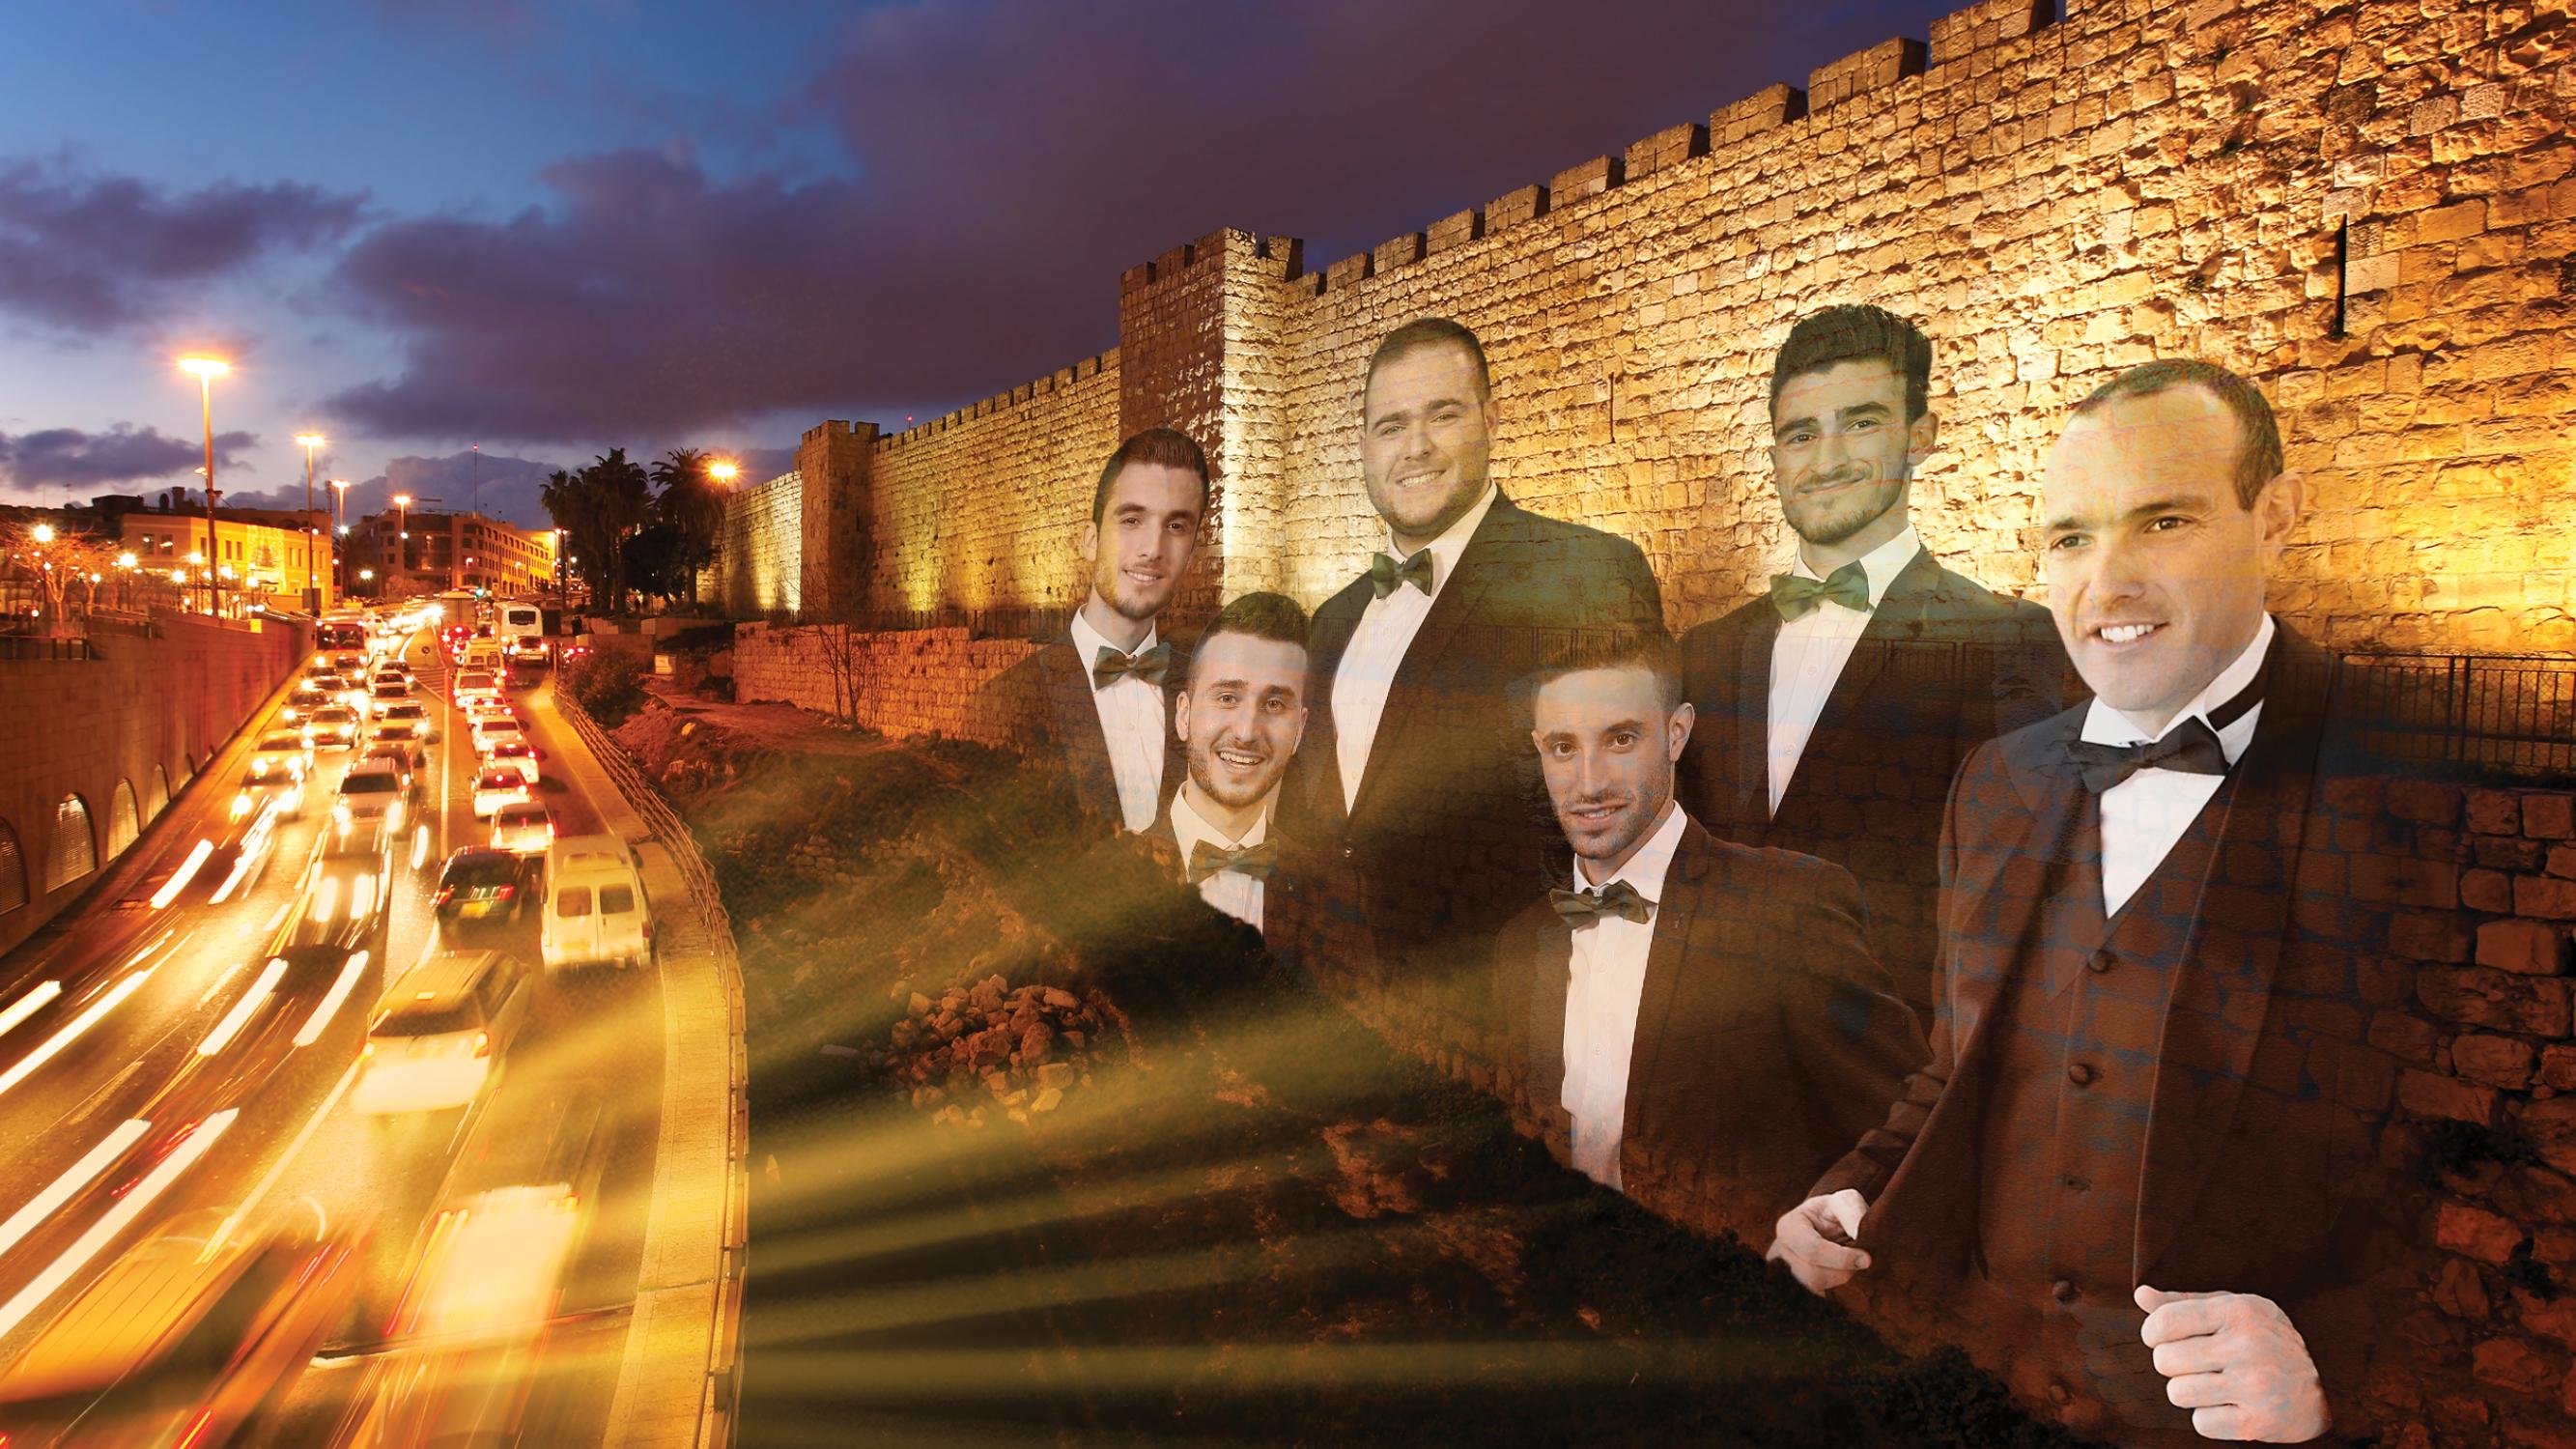 החזן הצבאי הראשי ופקודיו לשעבר בסינגל לכבוד 50 לאיחוד ירושלים